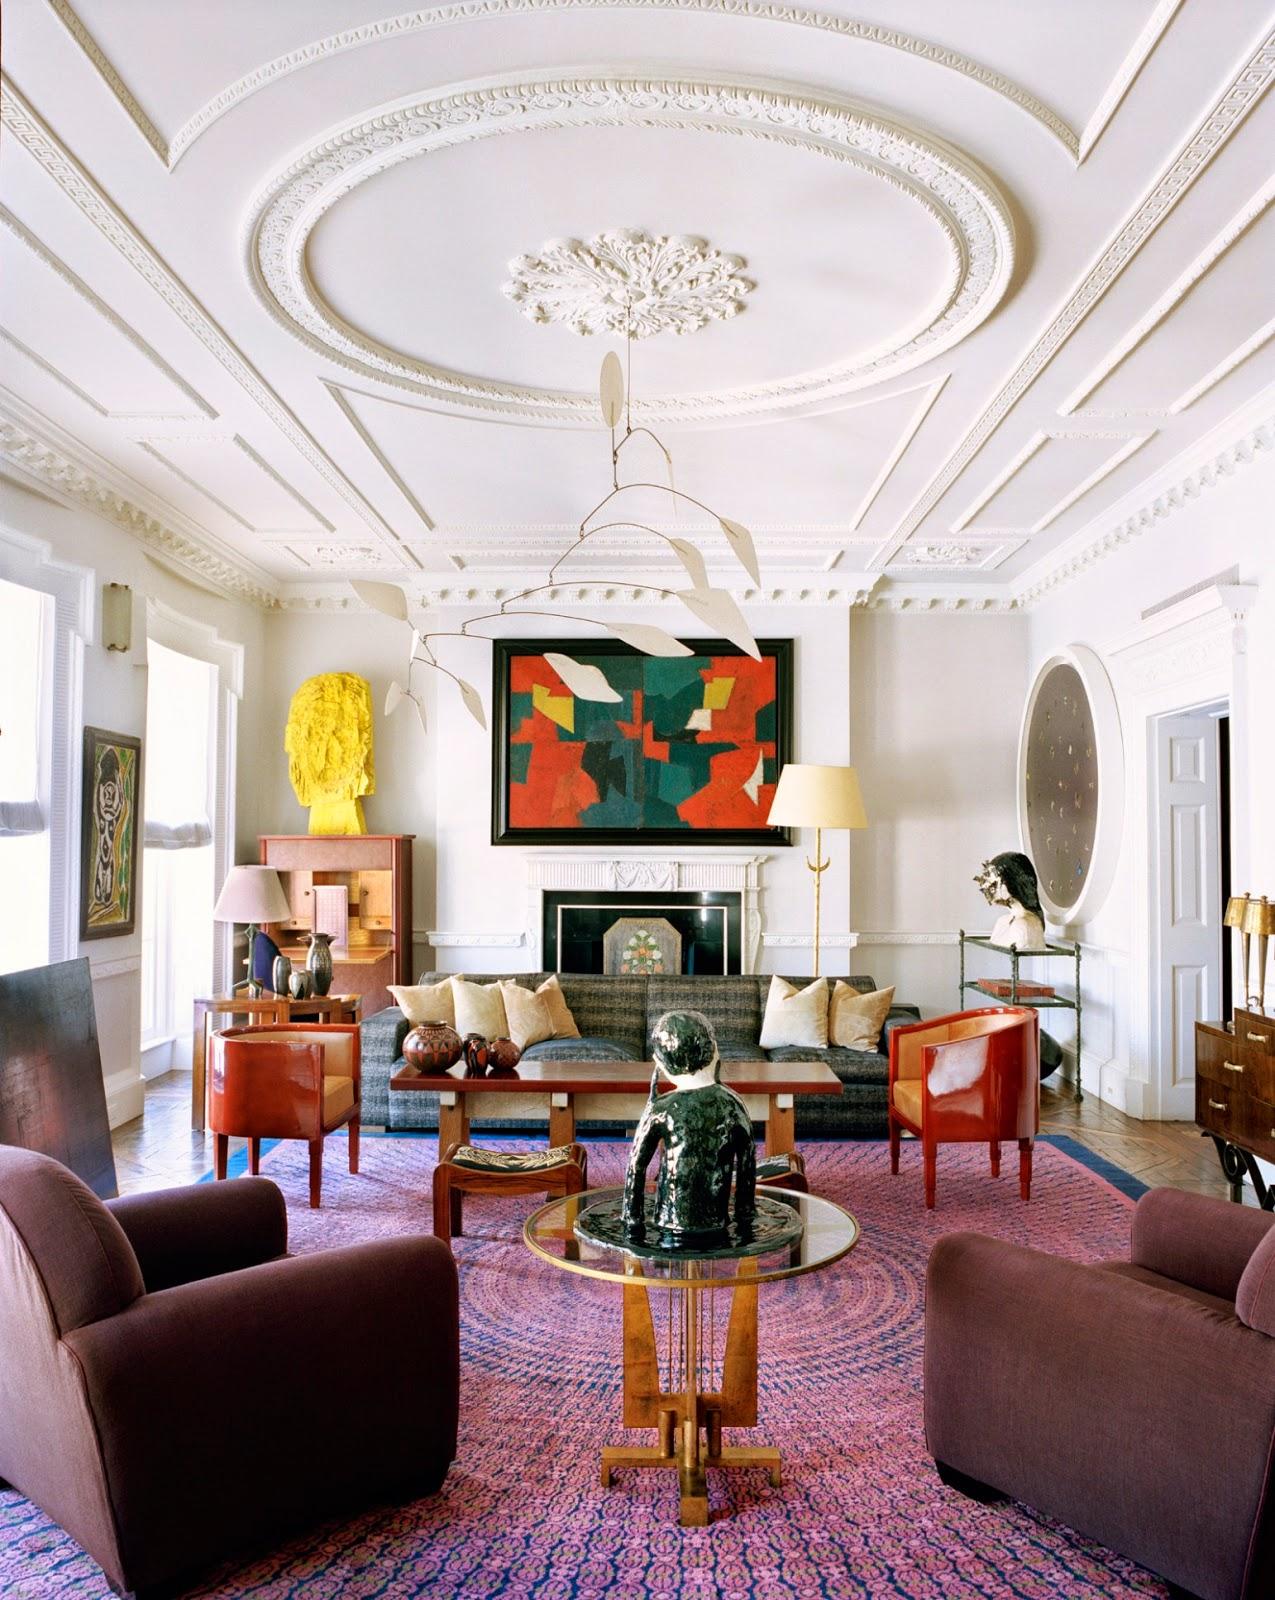 Terry de gunzburg manhattan apartment by jacques grange for Appartement parisien decoration